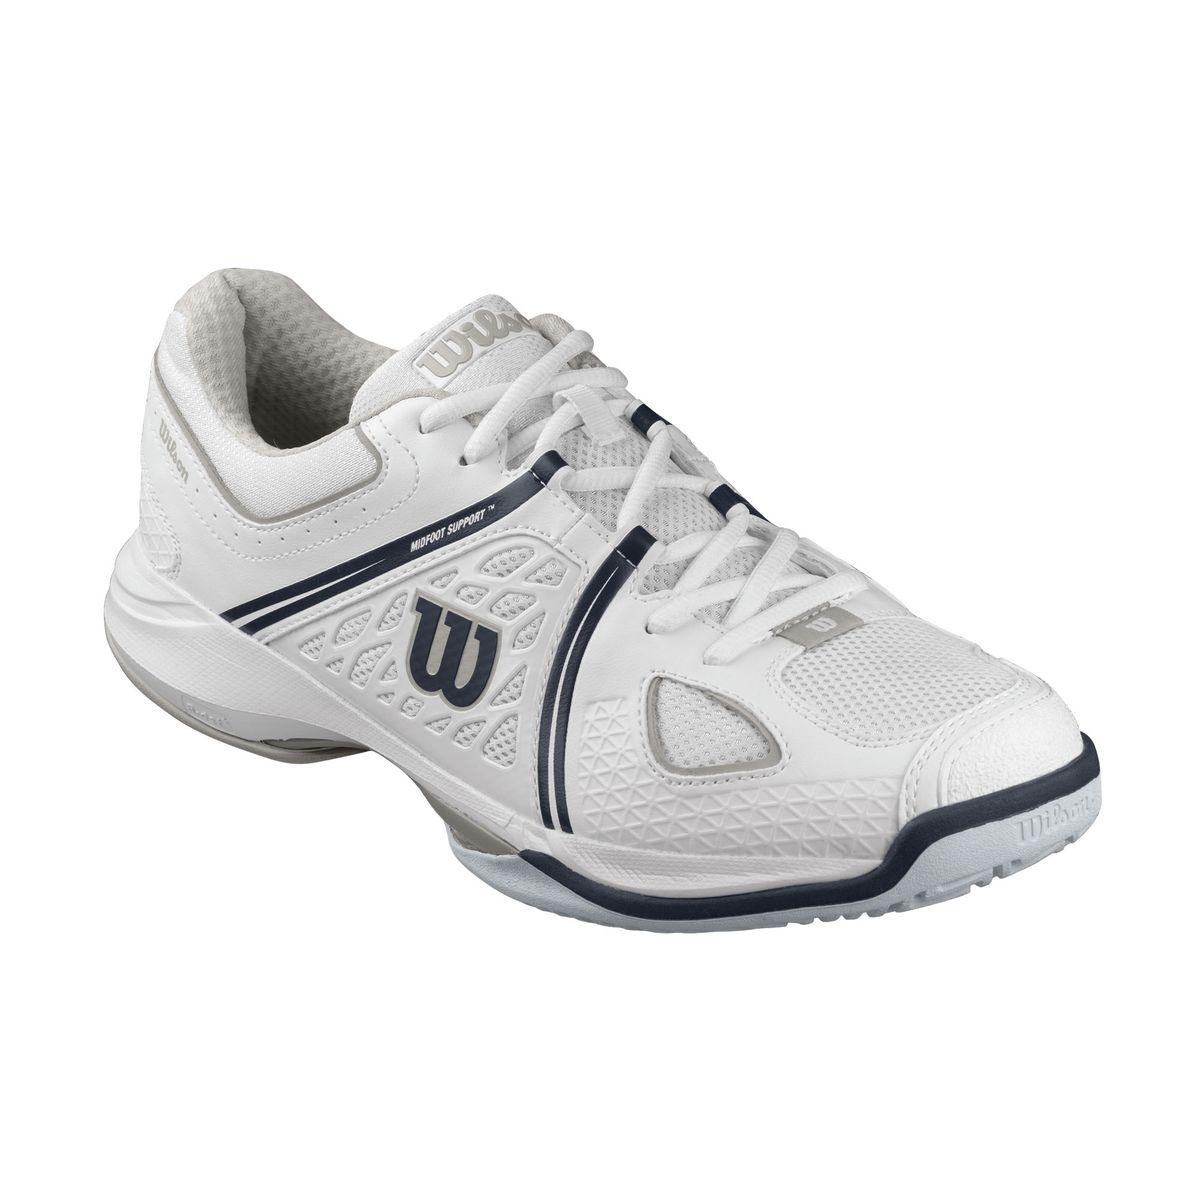 Кроссовки для тенниса муж. NVISION. WRS320820